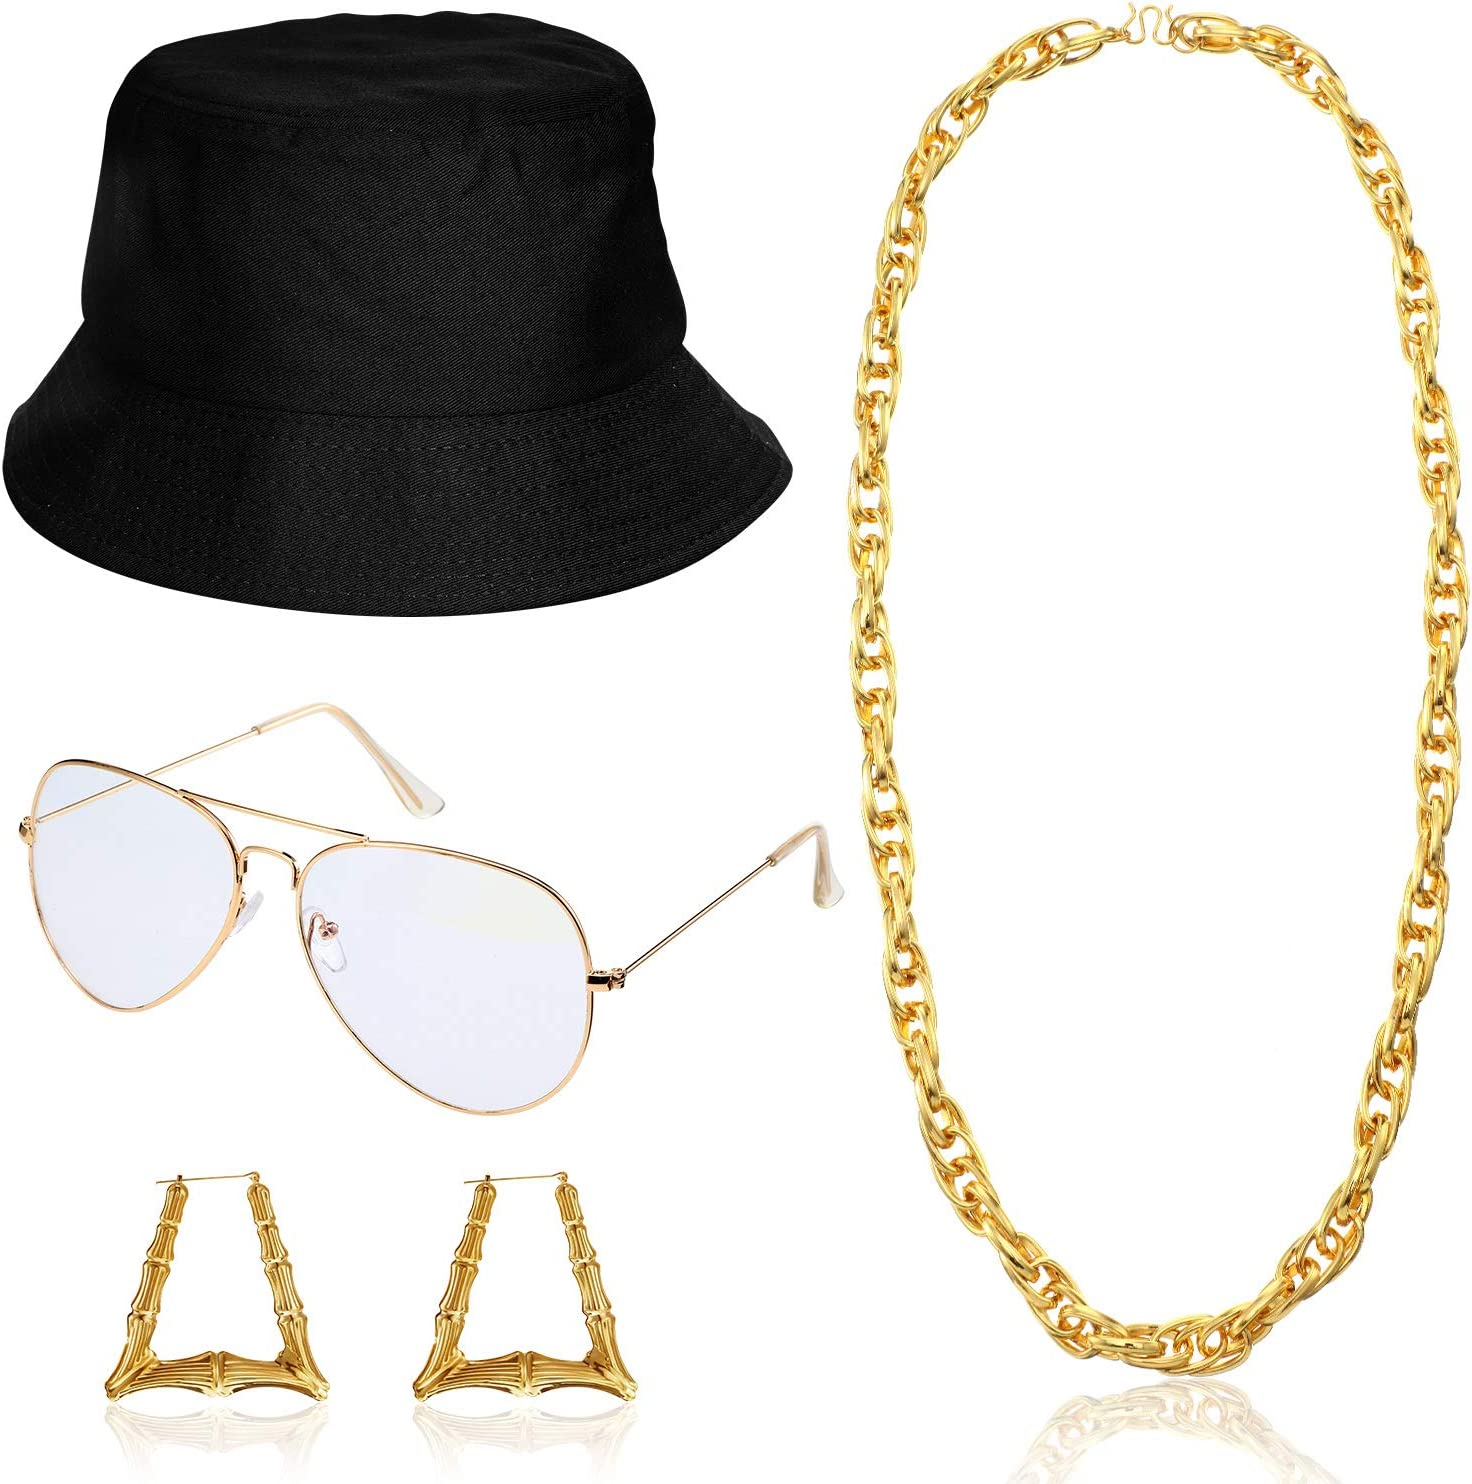 Kit de Disfraz de Mujer Hip Hop Gafas de Sol con Sombrero de Cubo ...